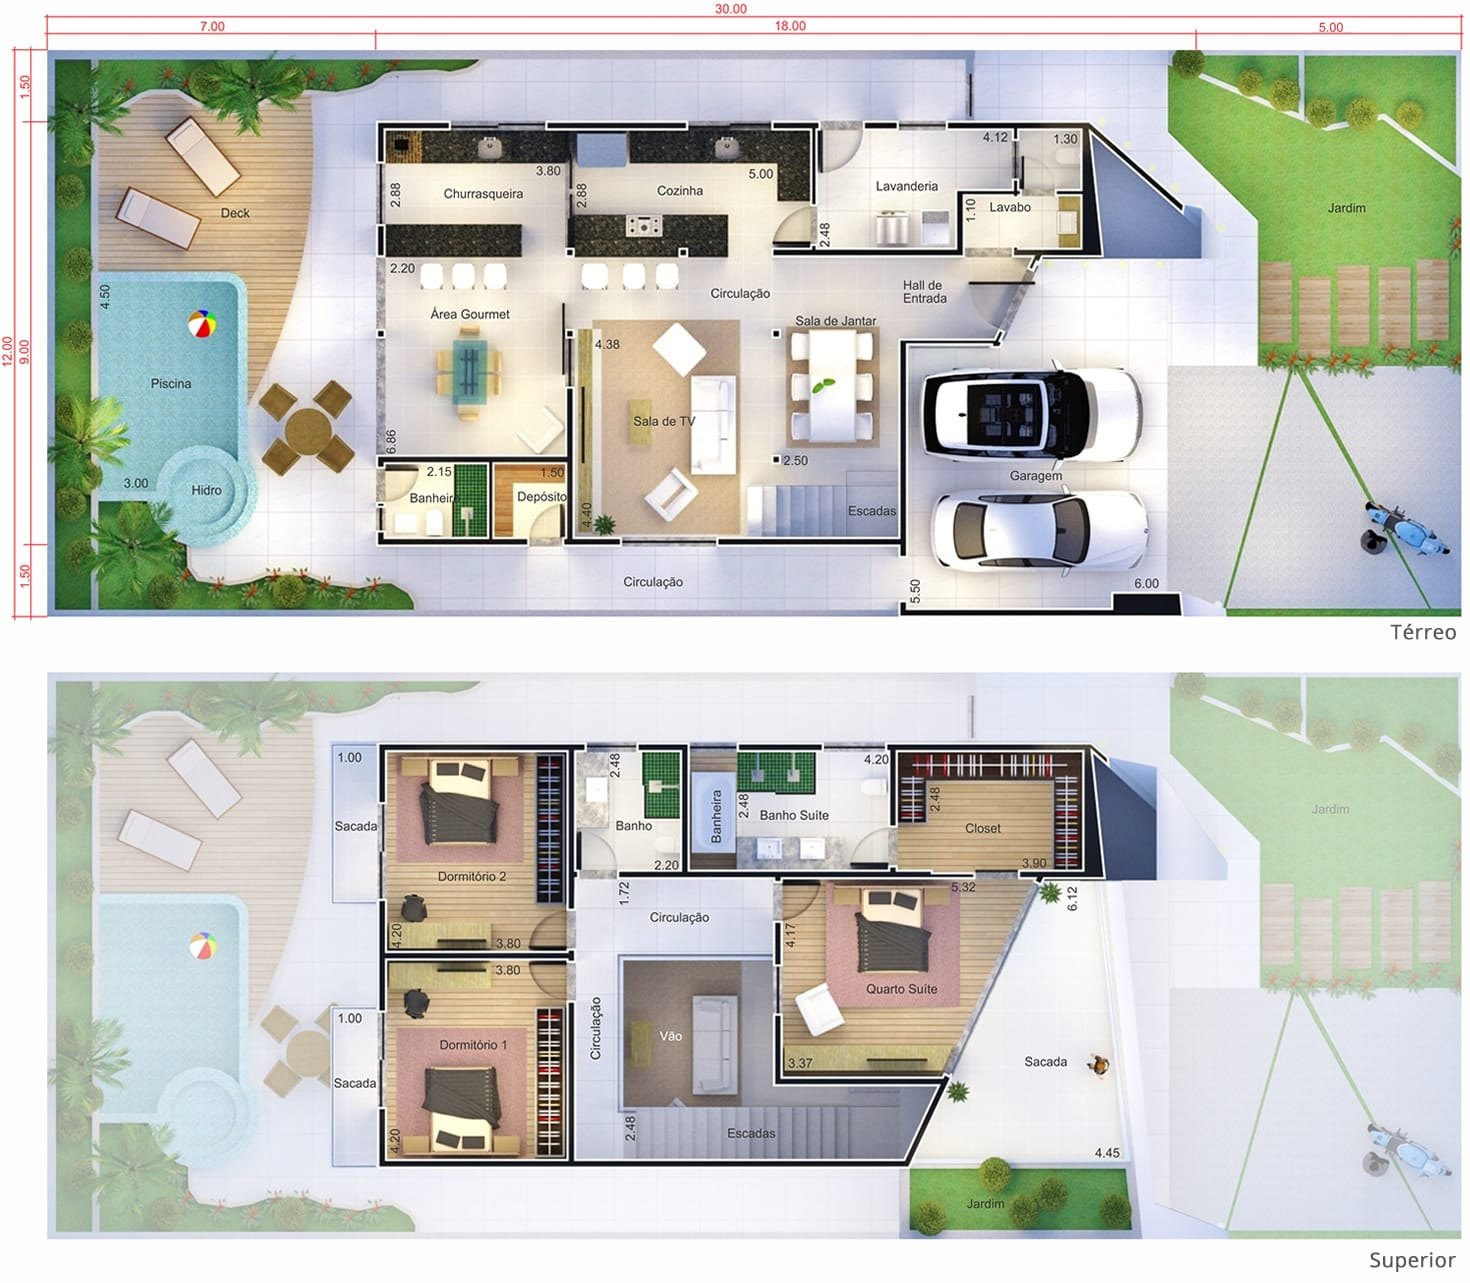 #416C33 Projeto de sobrado com design inovador Projetos de Casas Modelos de  1470x1283 px projeto banheiro adaptado